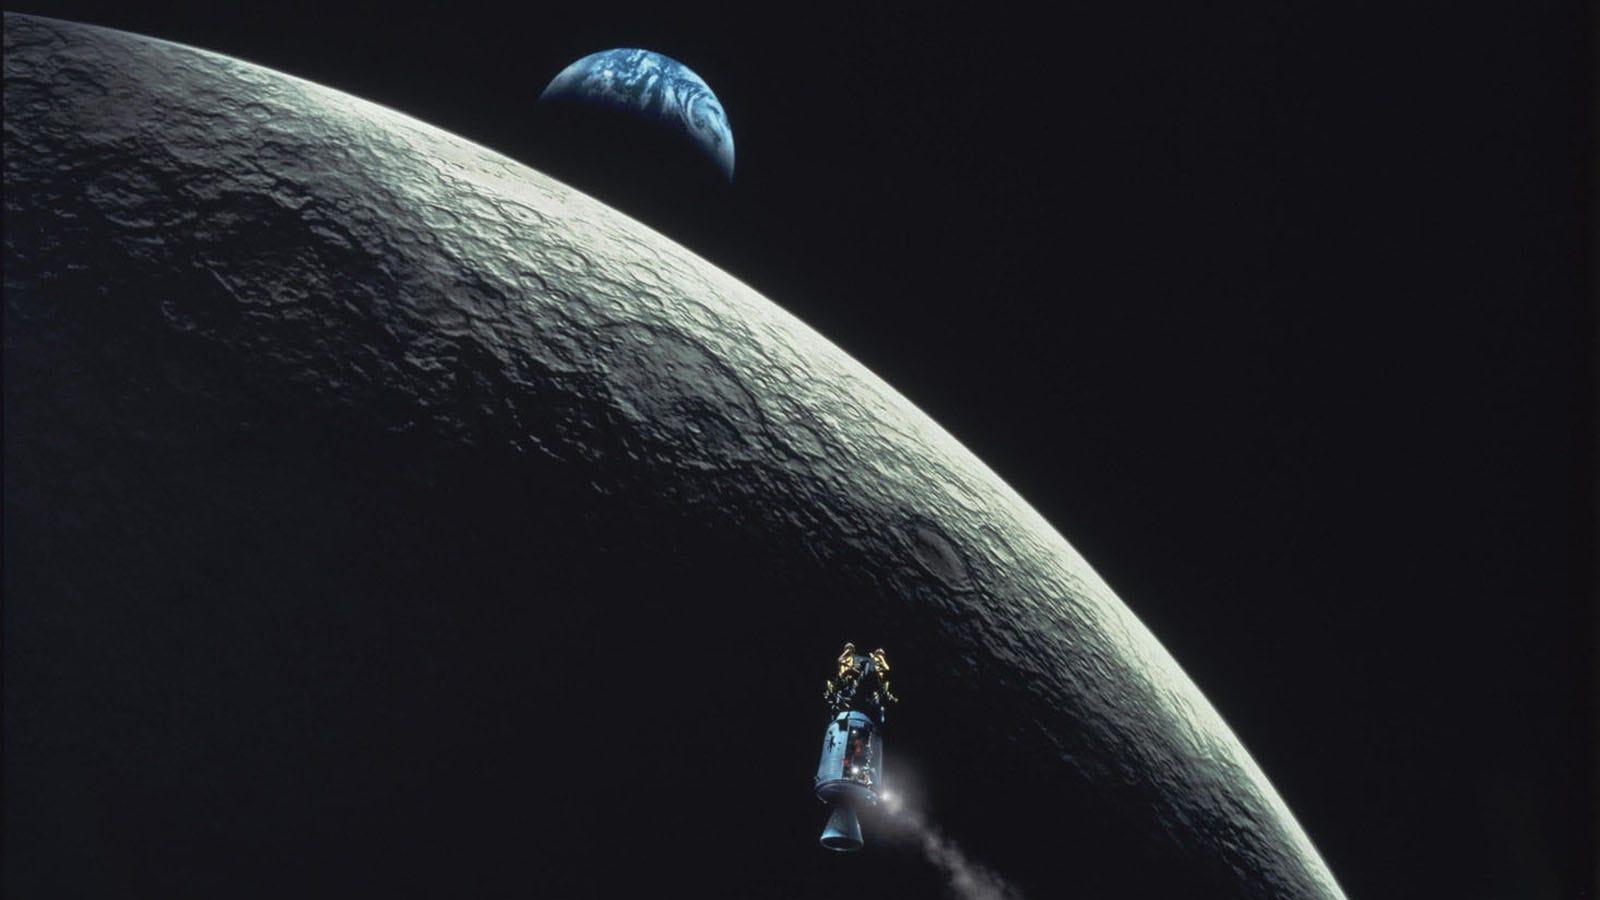 apollo 13 space missions - photo #34